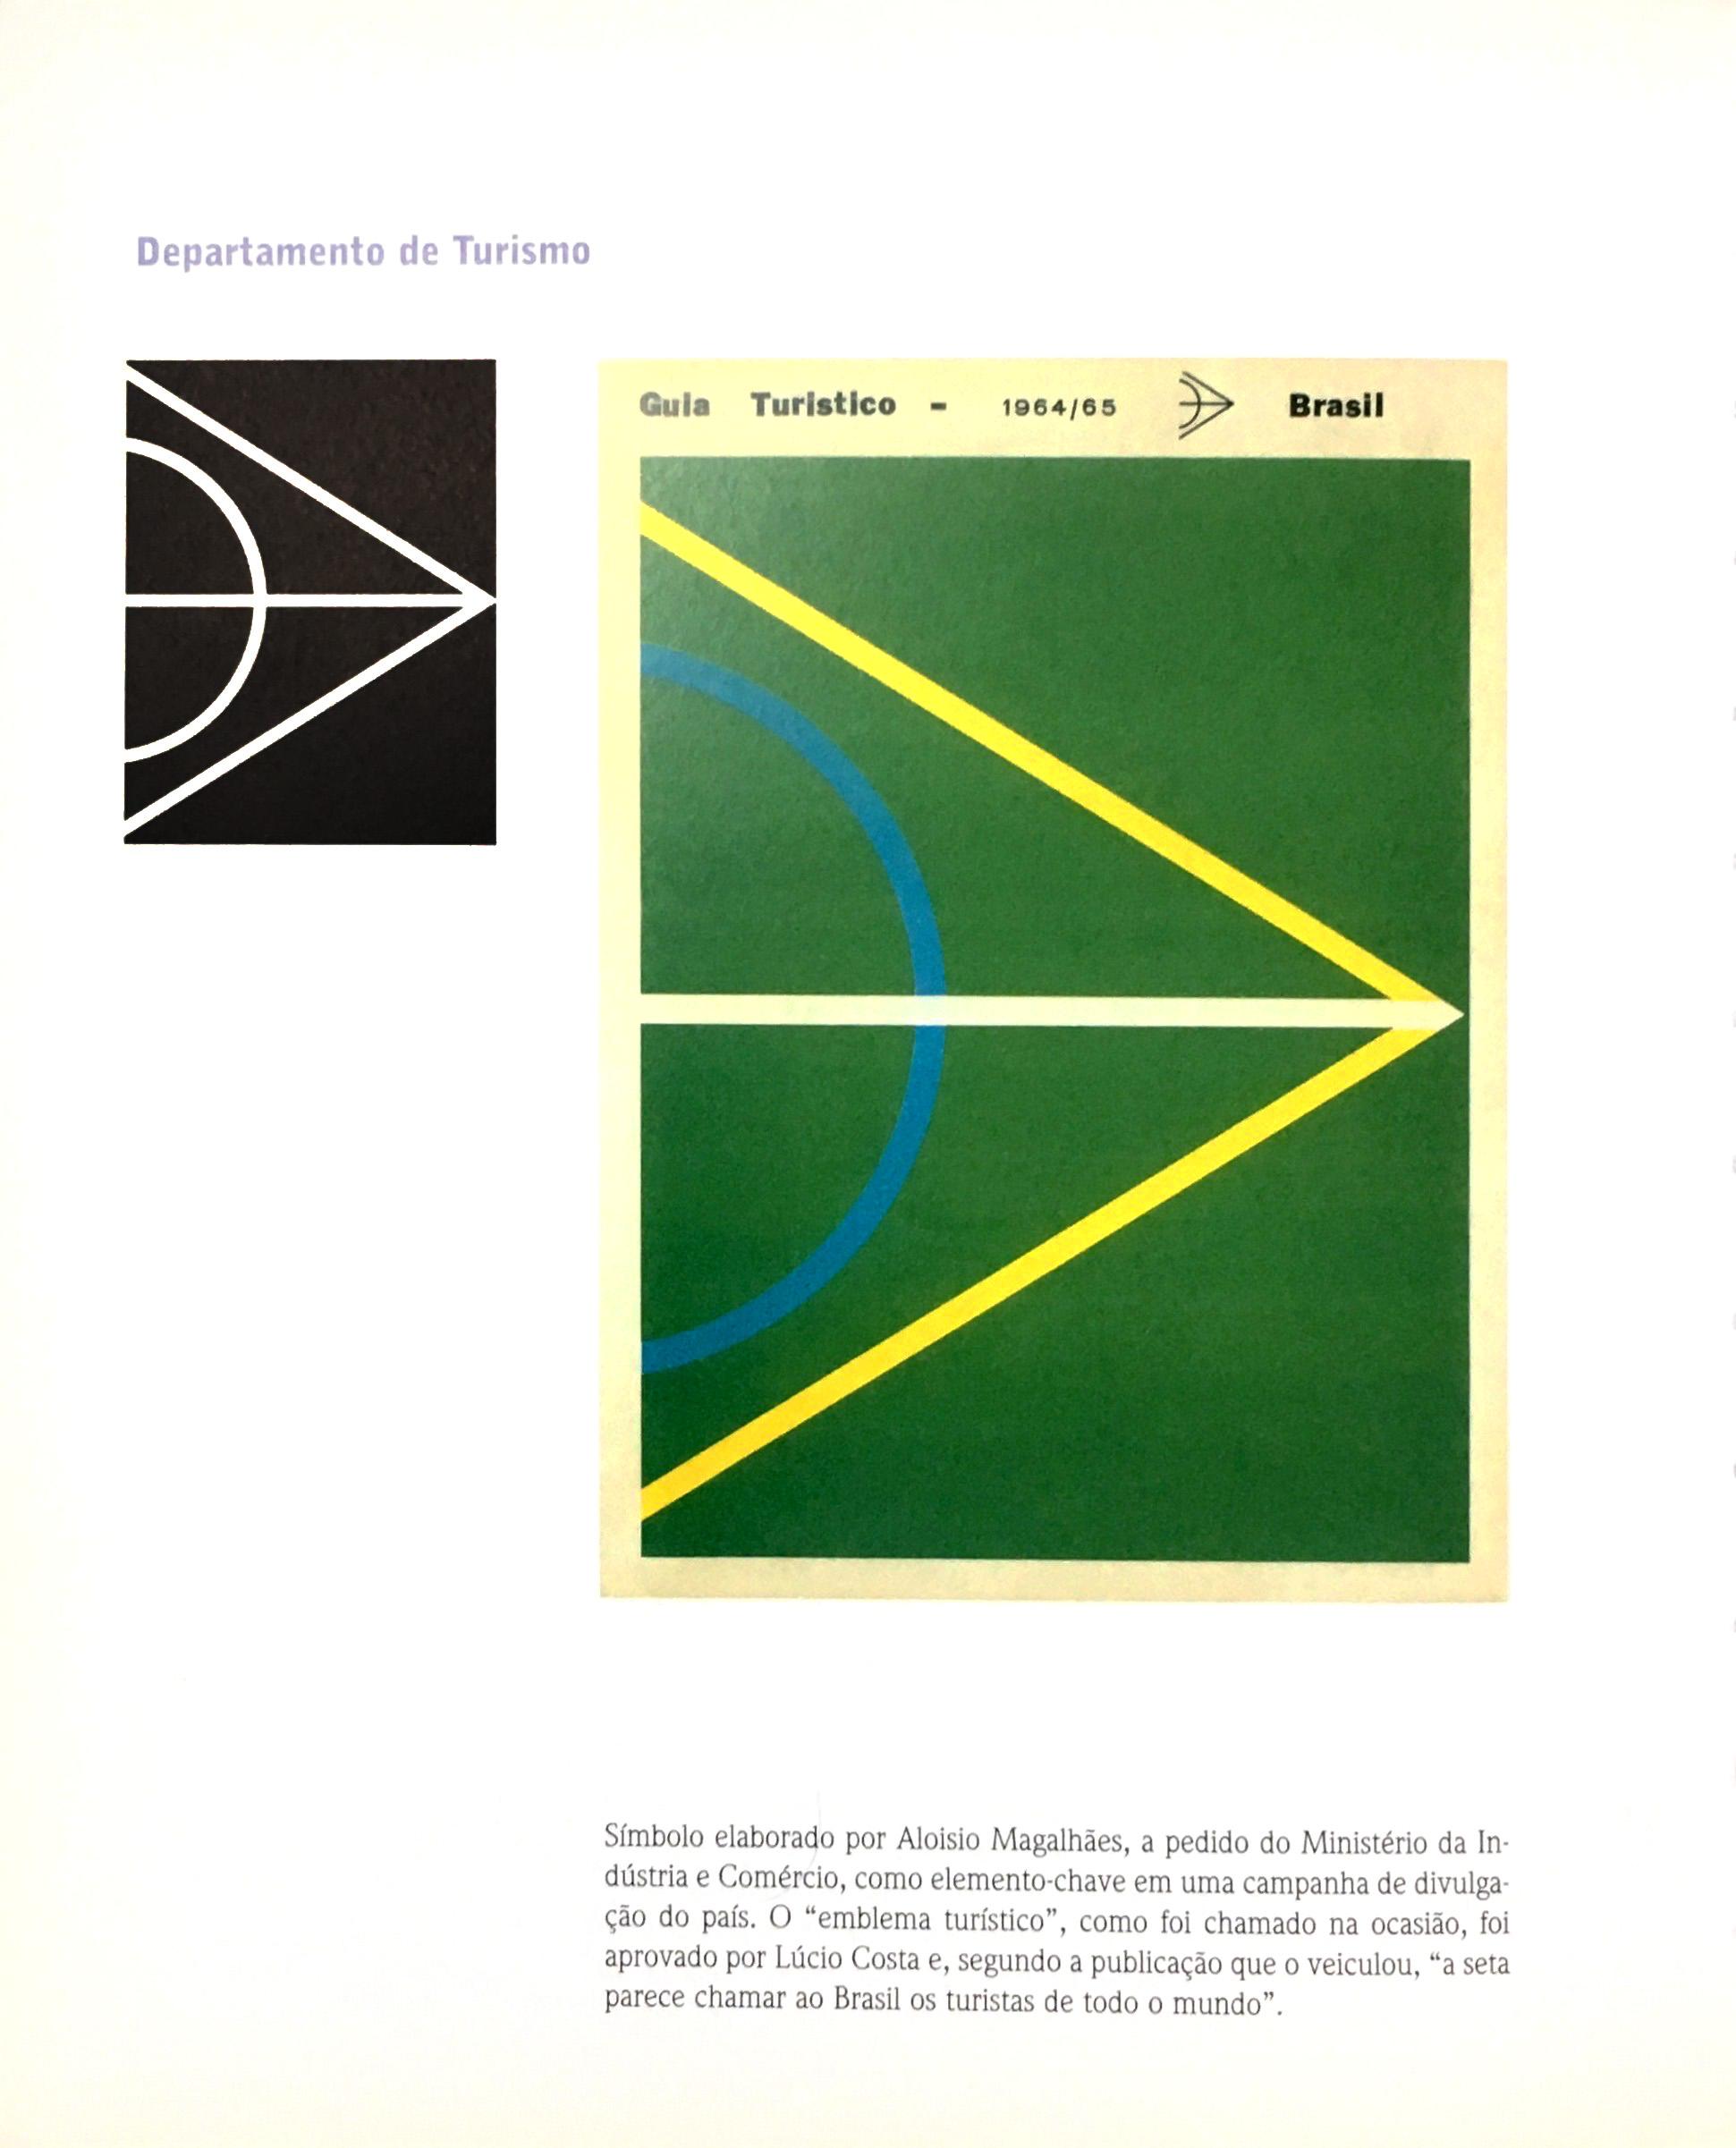 João de Souza Leite (org.). A herança do olhar: o design de Aloísio Magalhães, p. 168